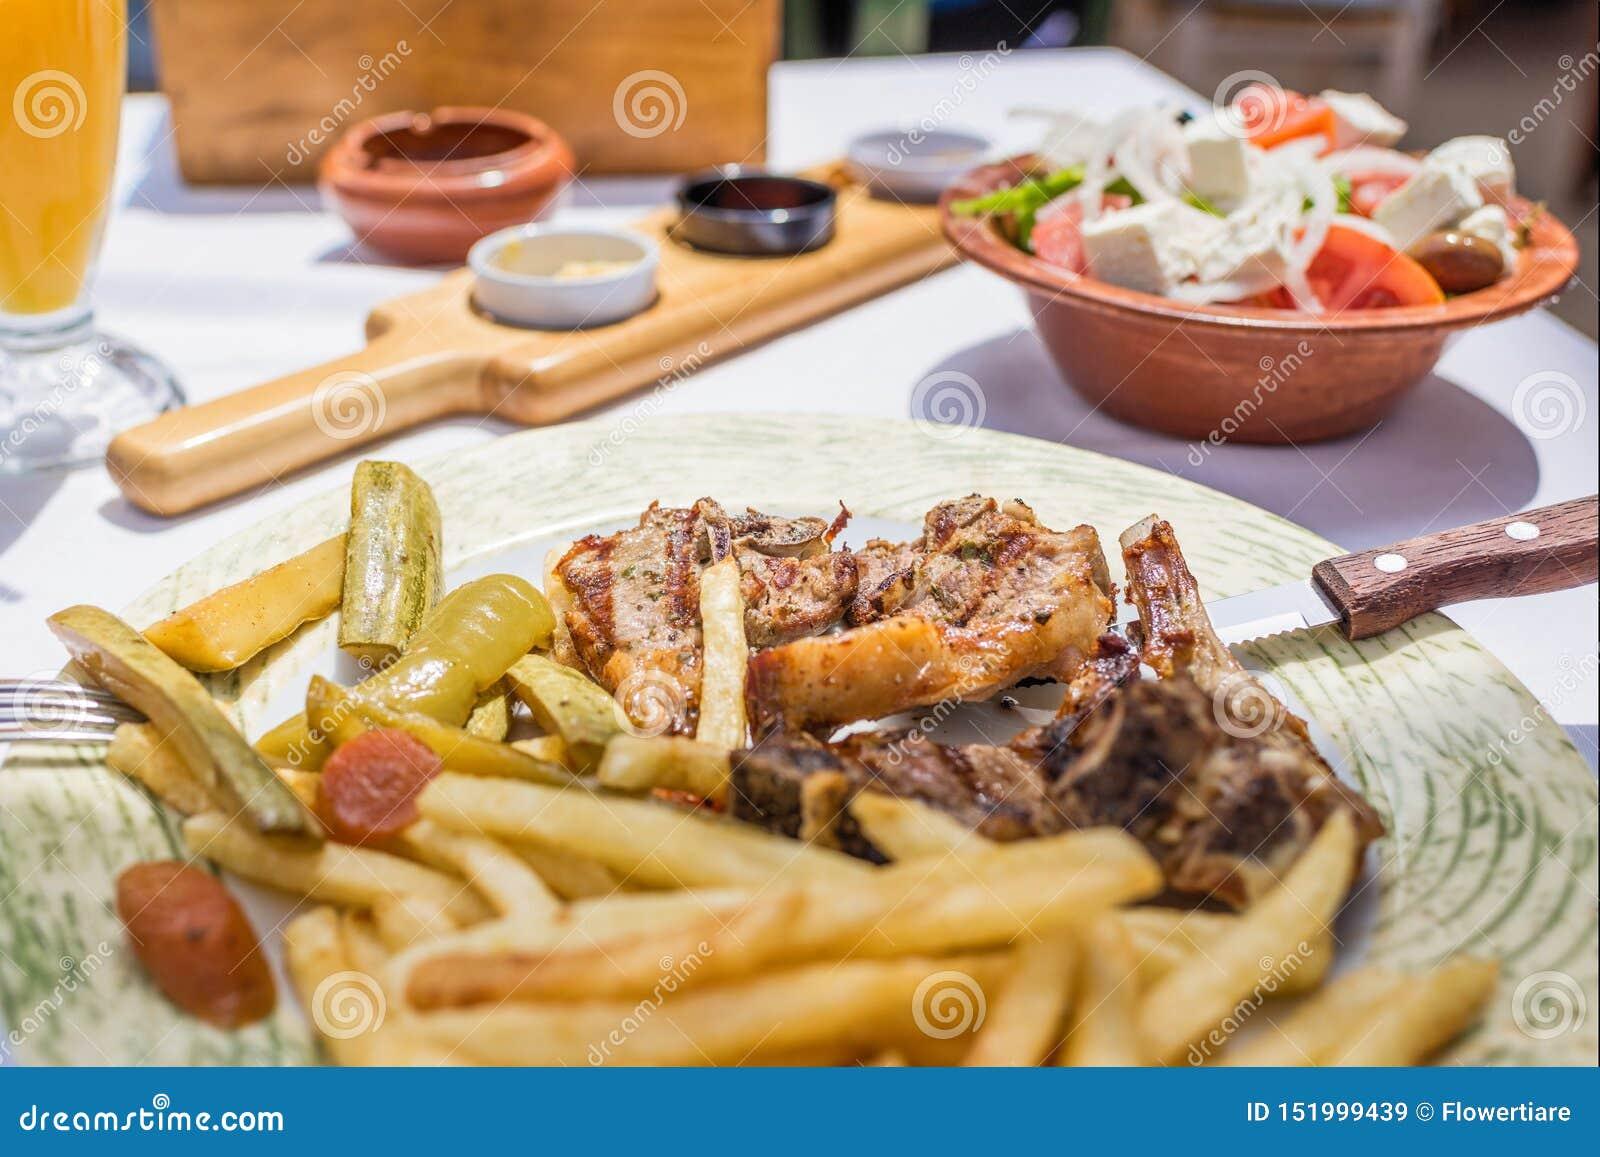 Tagli di agnello con le verdure e le patate al forno su un piatto in un ristorante o in una locanda greco